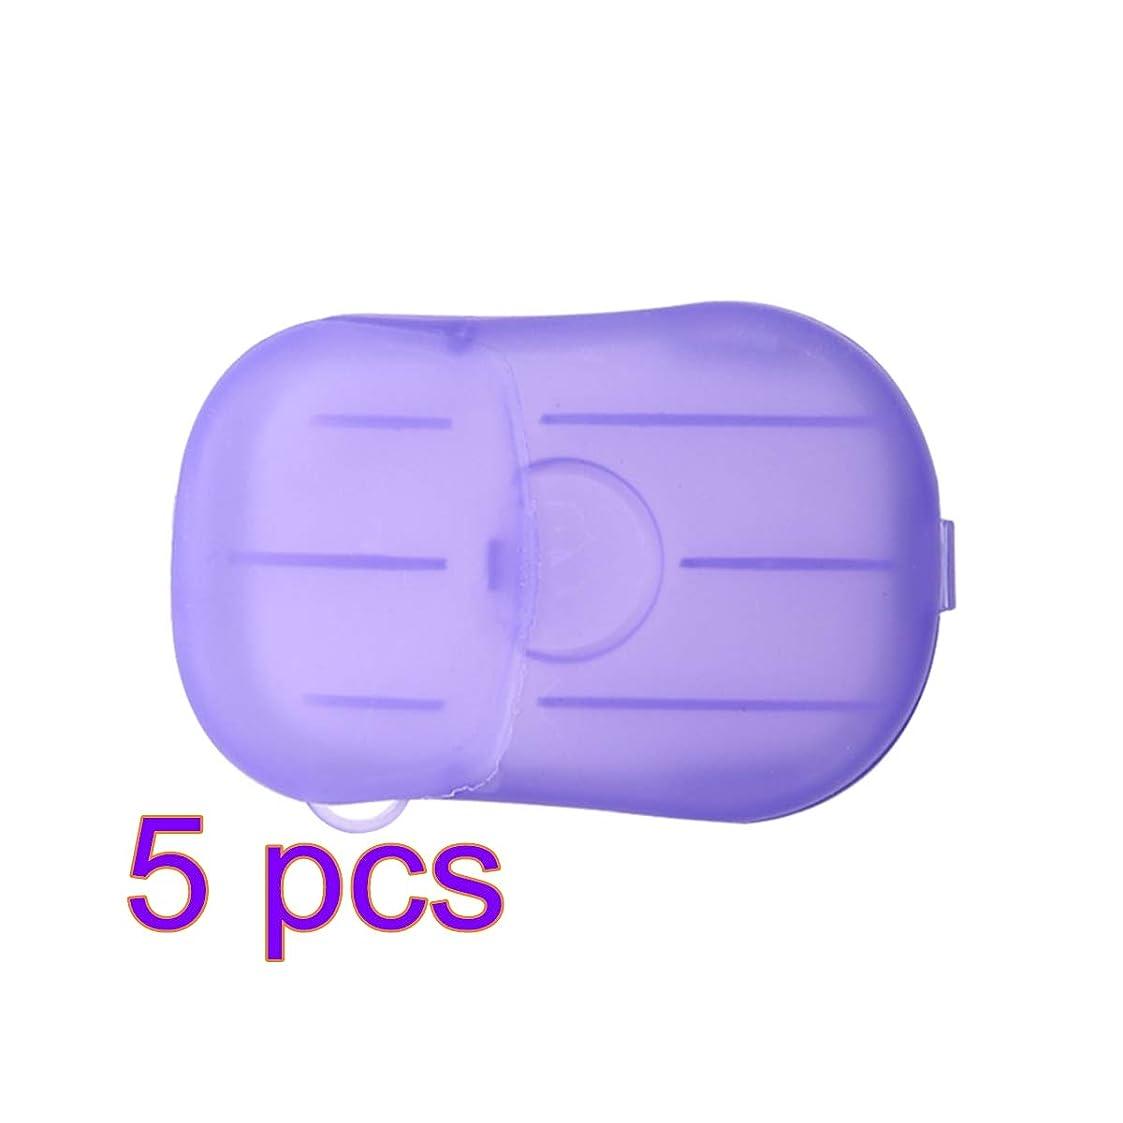 フレームワーク考慮メキシコLIOOBO 5セットポータブルソープペーパー使い捨て手洗いペーパーソープスライスシーツ子供用大人トイレ旅行屋外用(パープル)